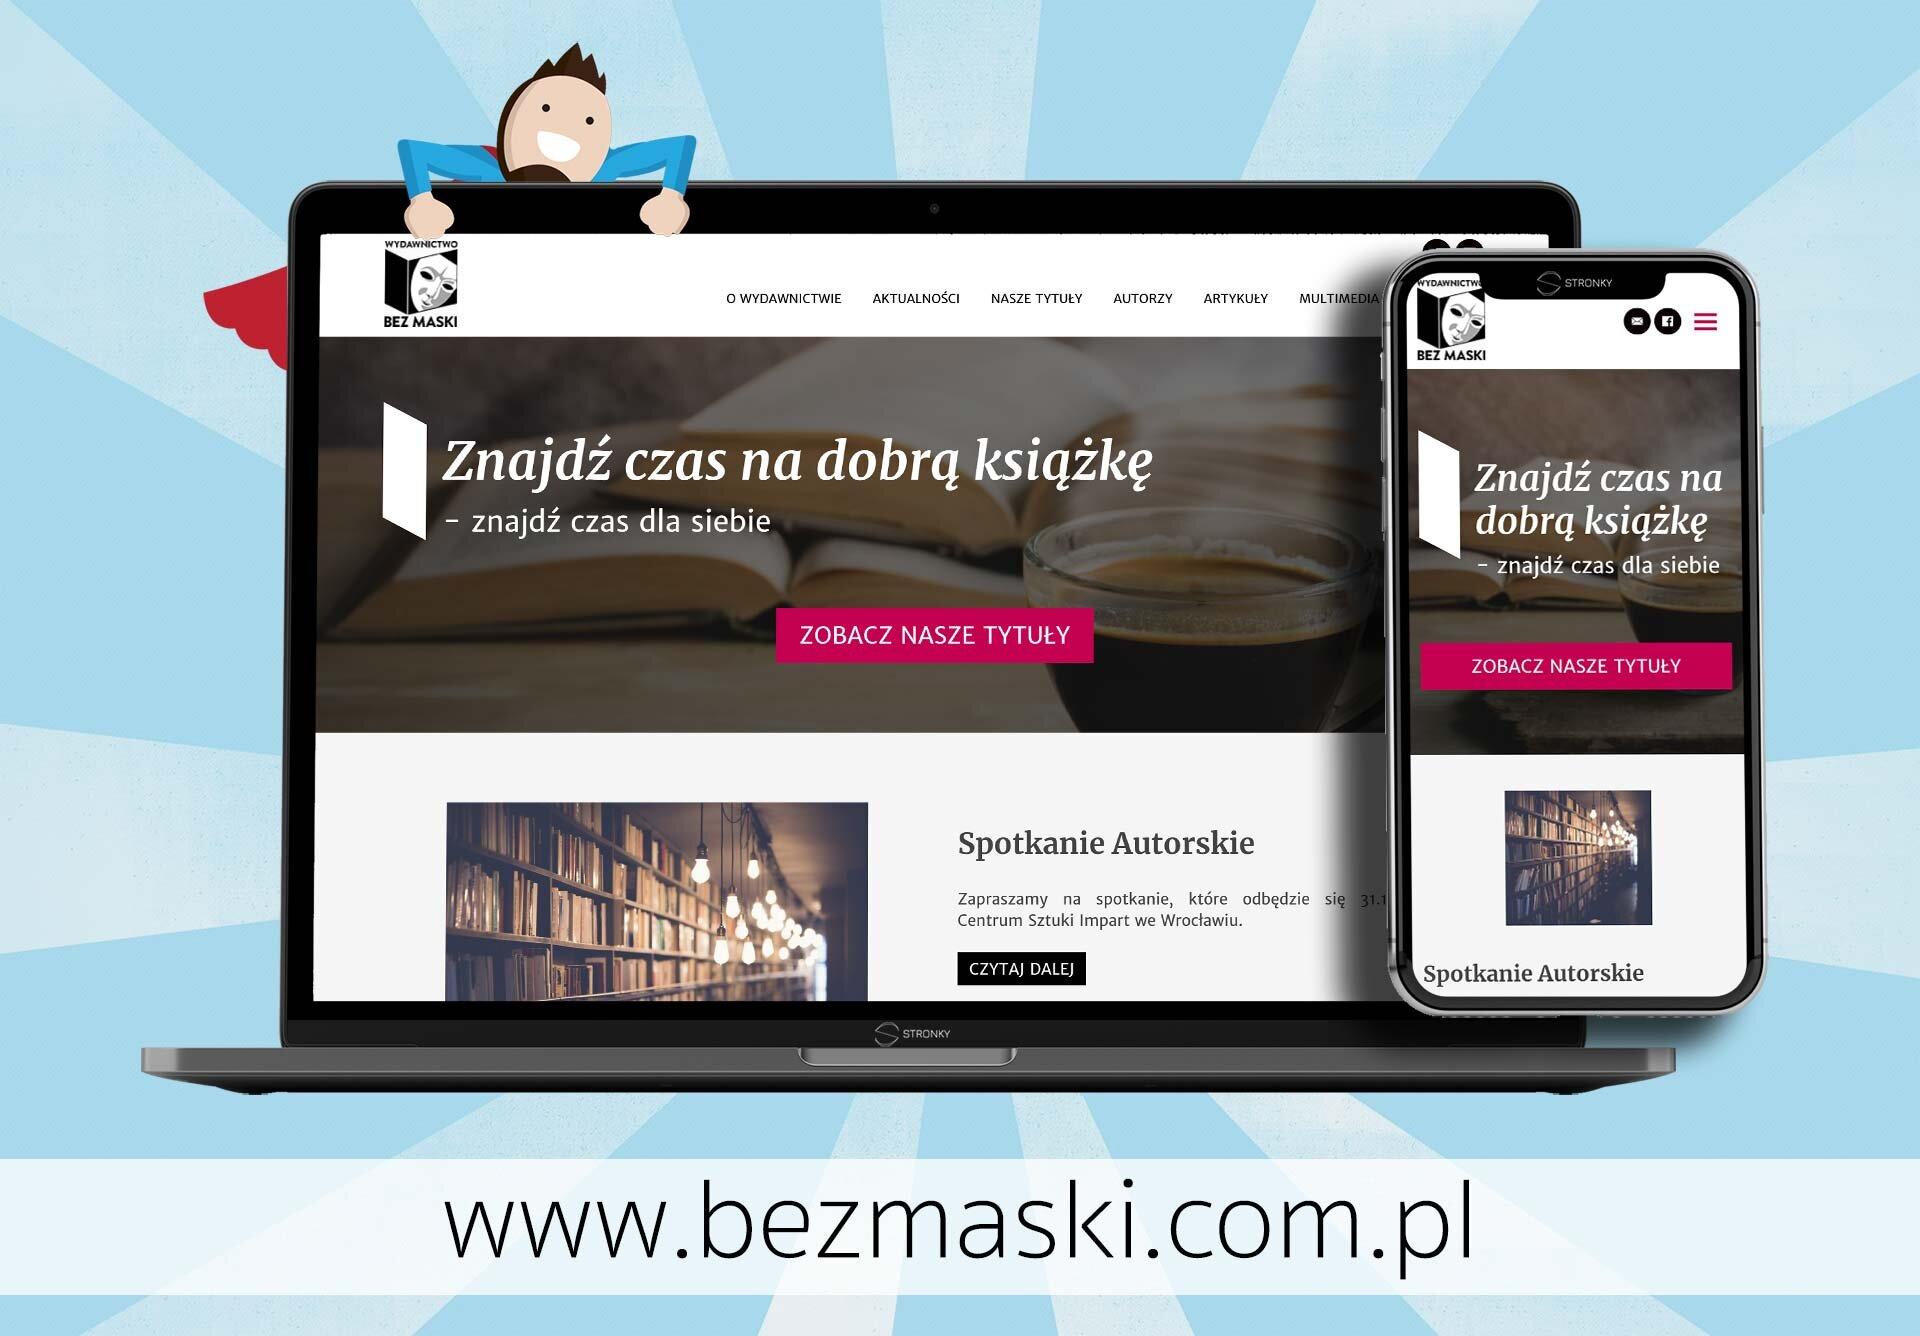 Wydawnictwo Bez Maski - screen